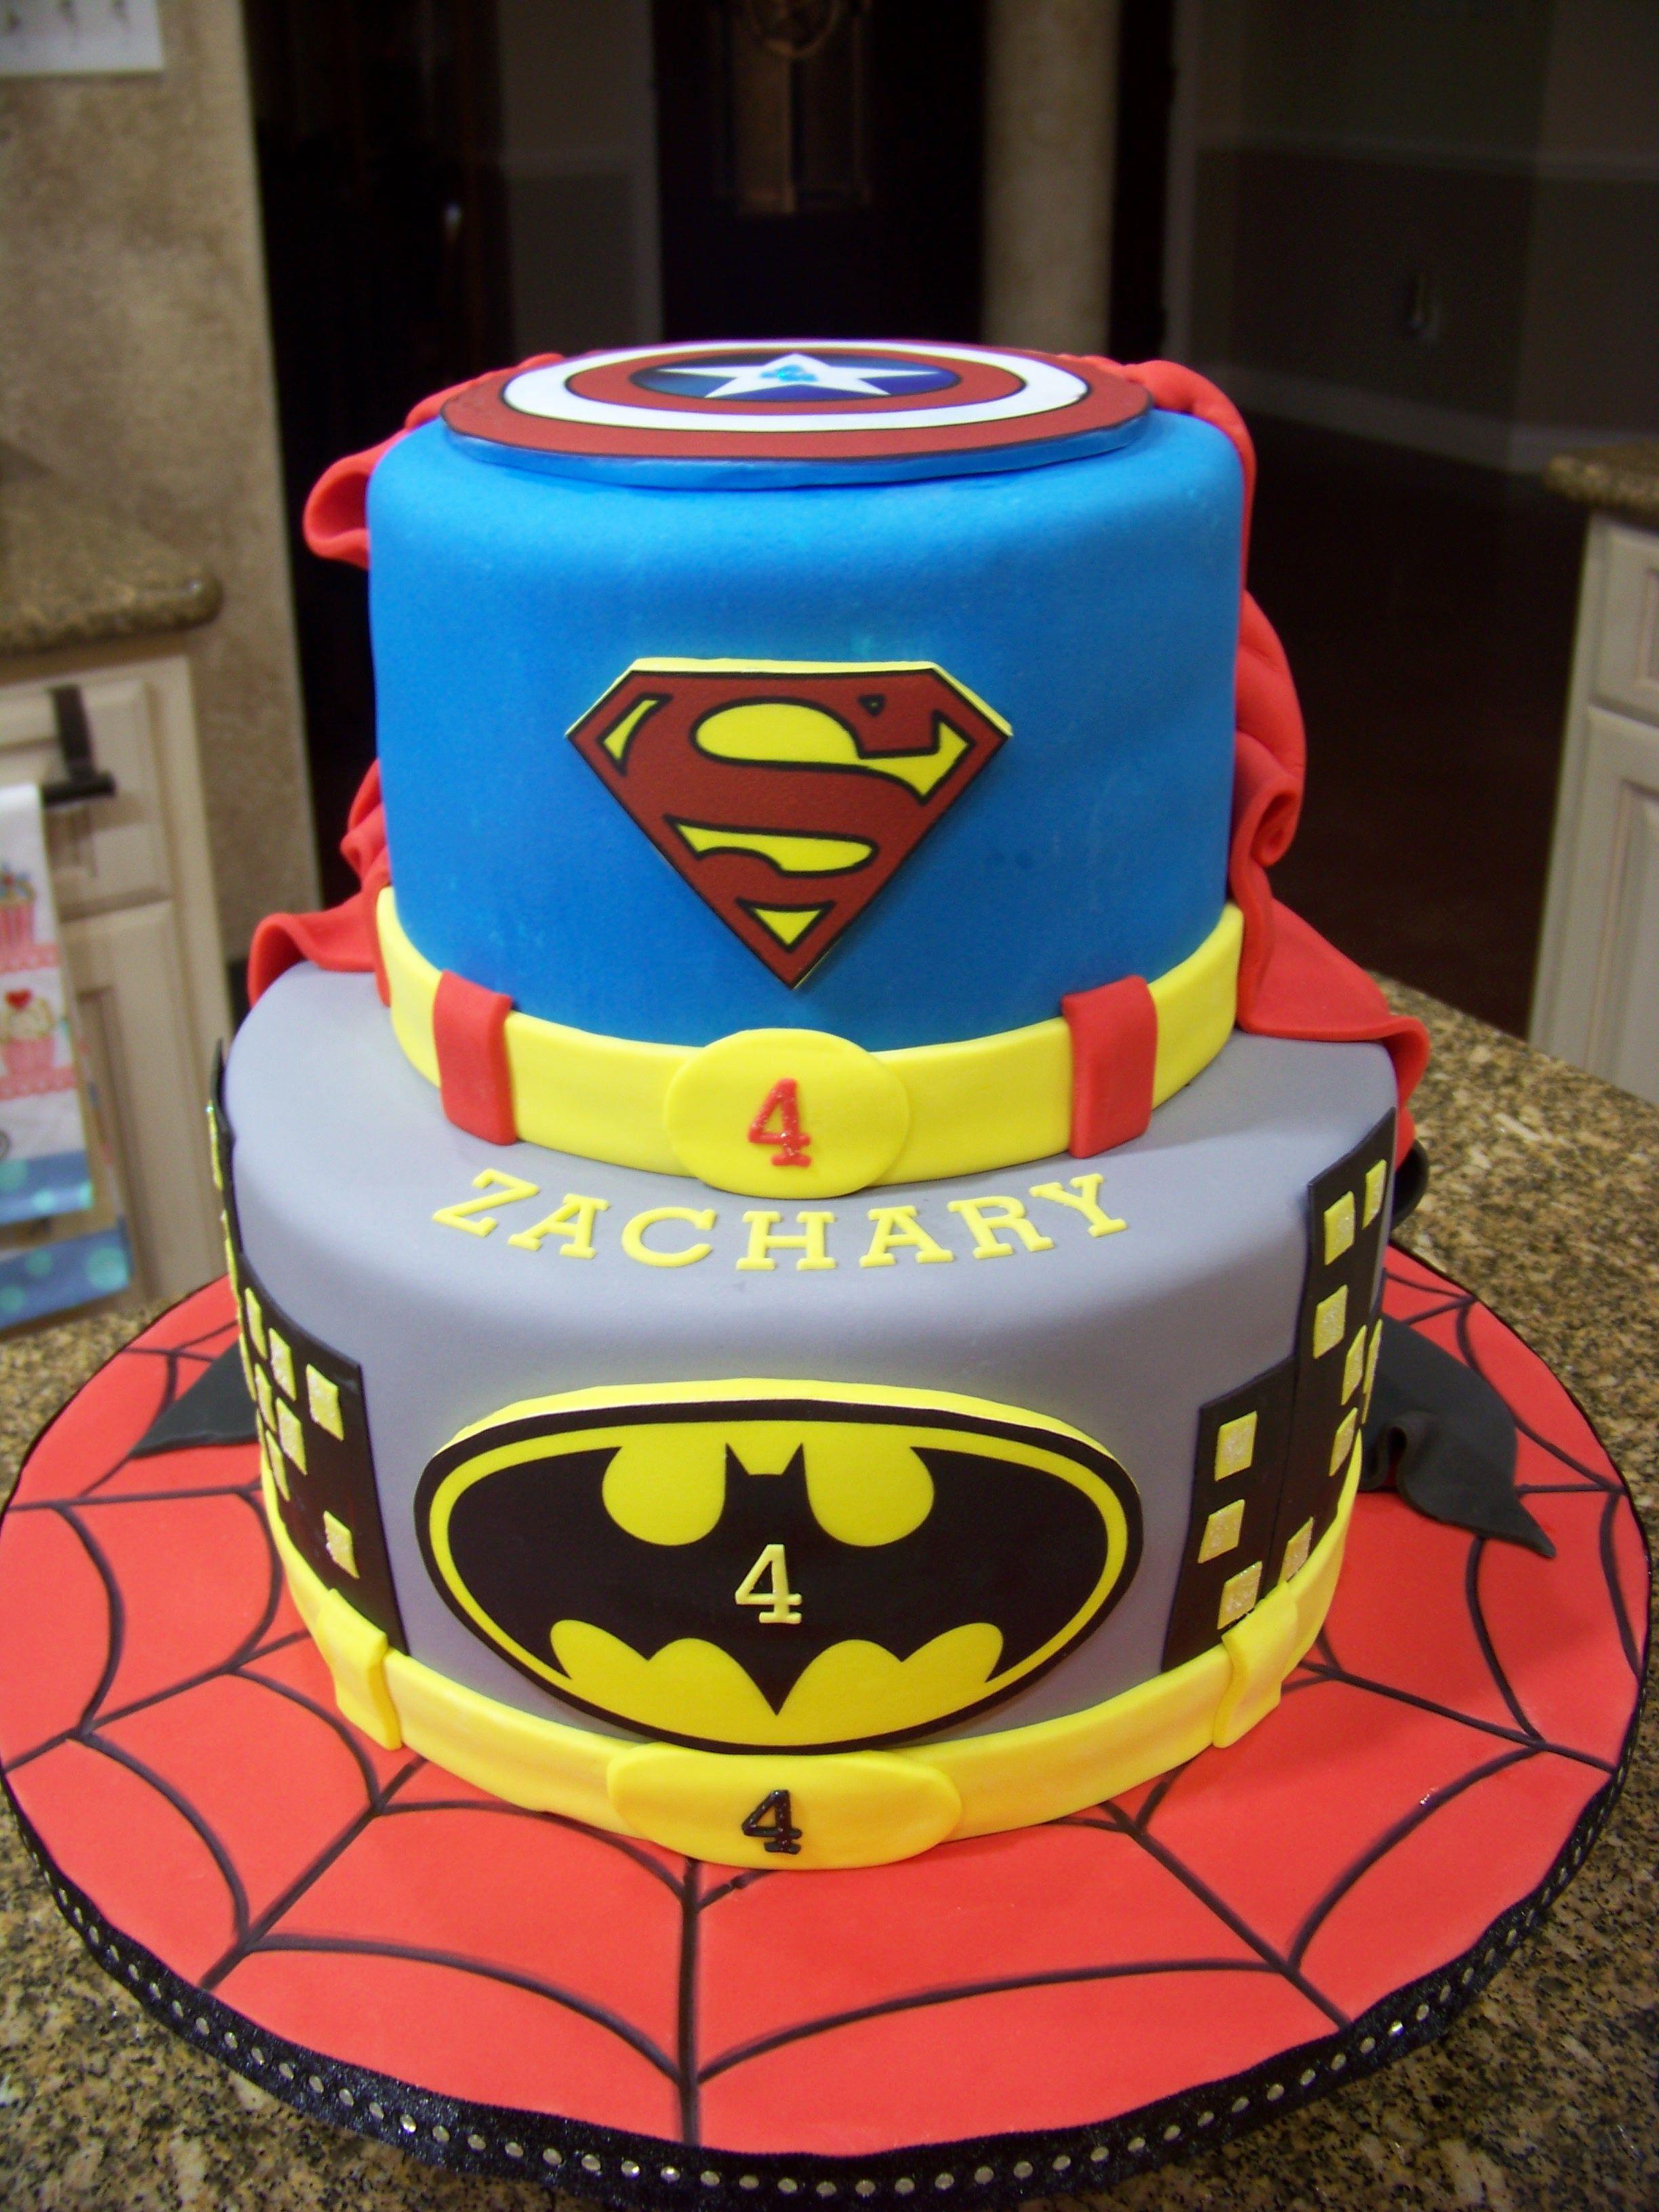 1000 ideas about superman cakes on pinterest batman cakes - Superhero Cake Spiderman Batman Superman Captain America Spiderman Base Batman